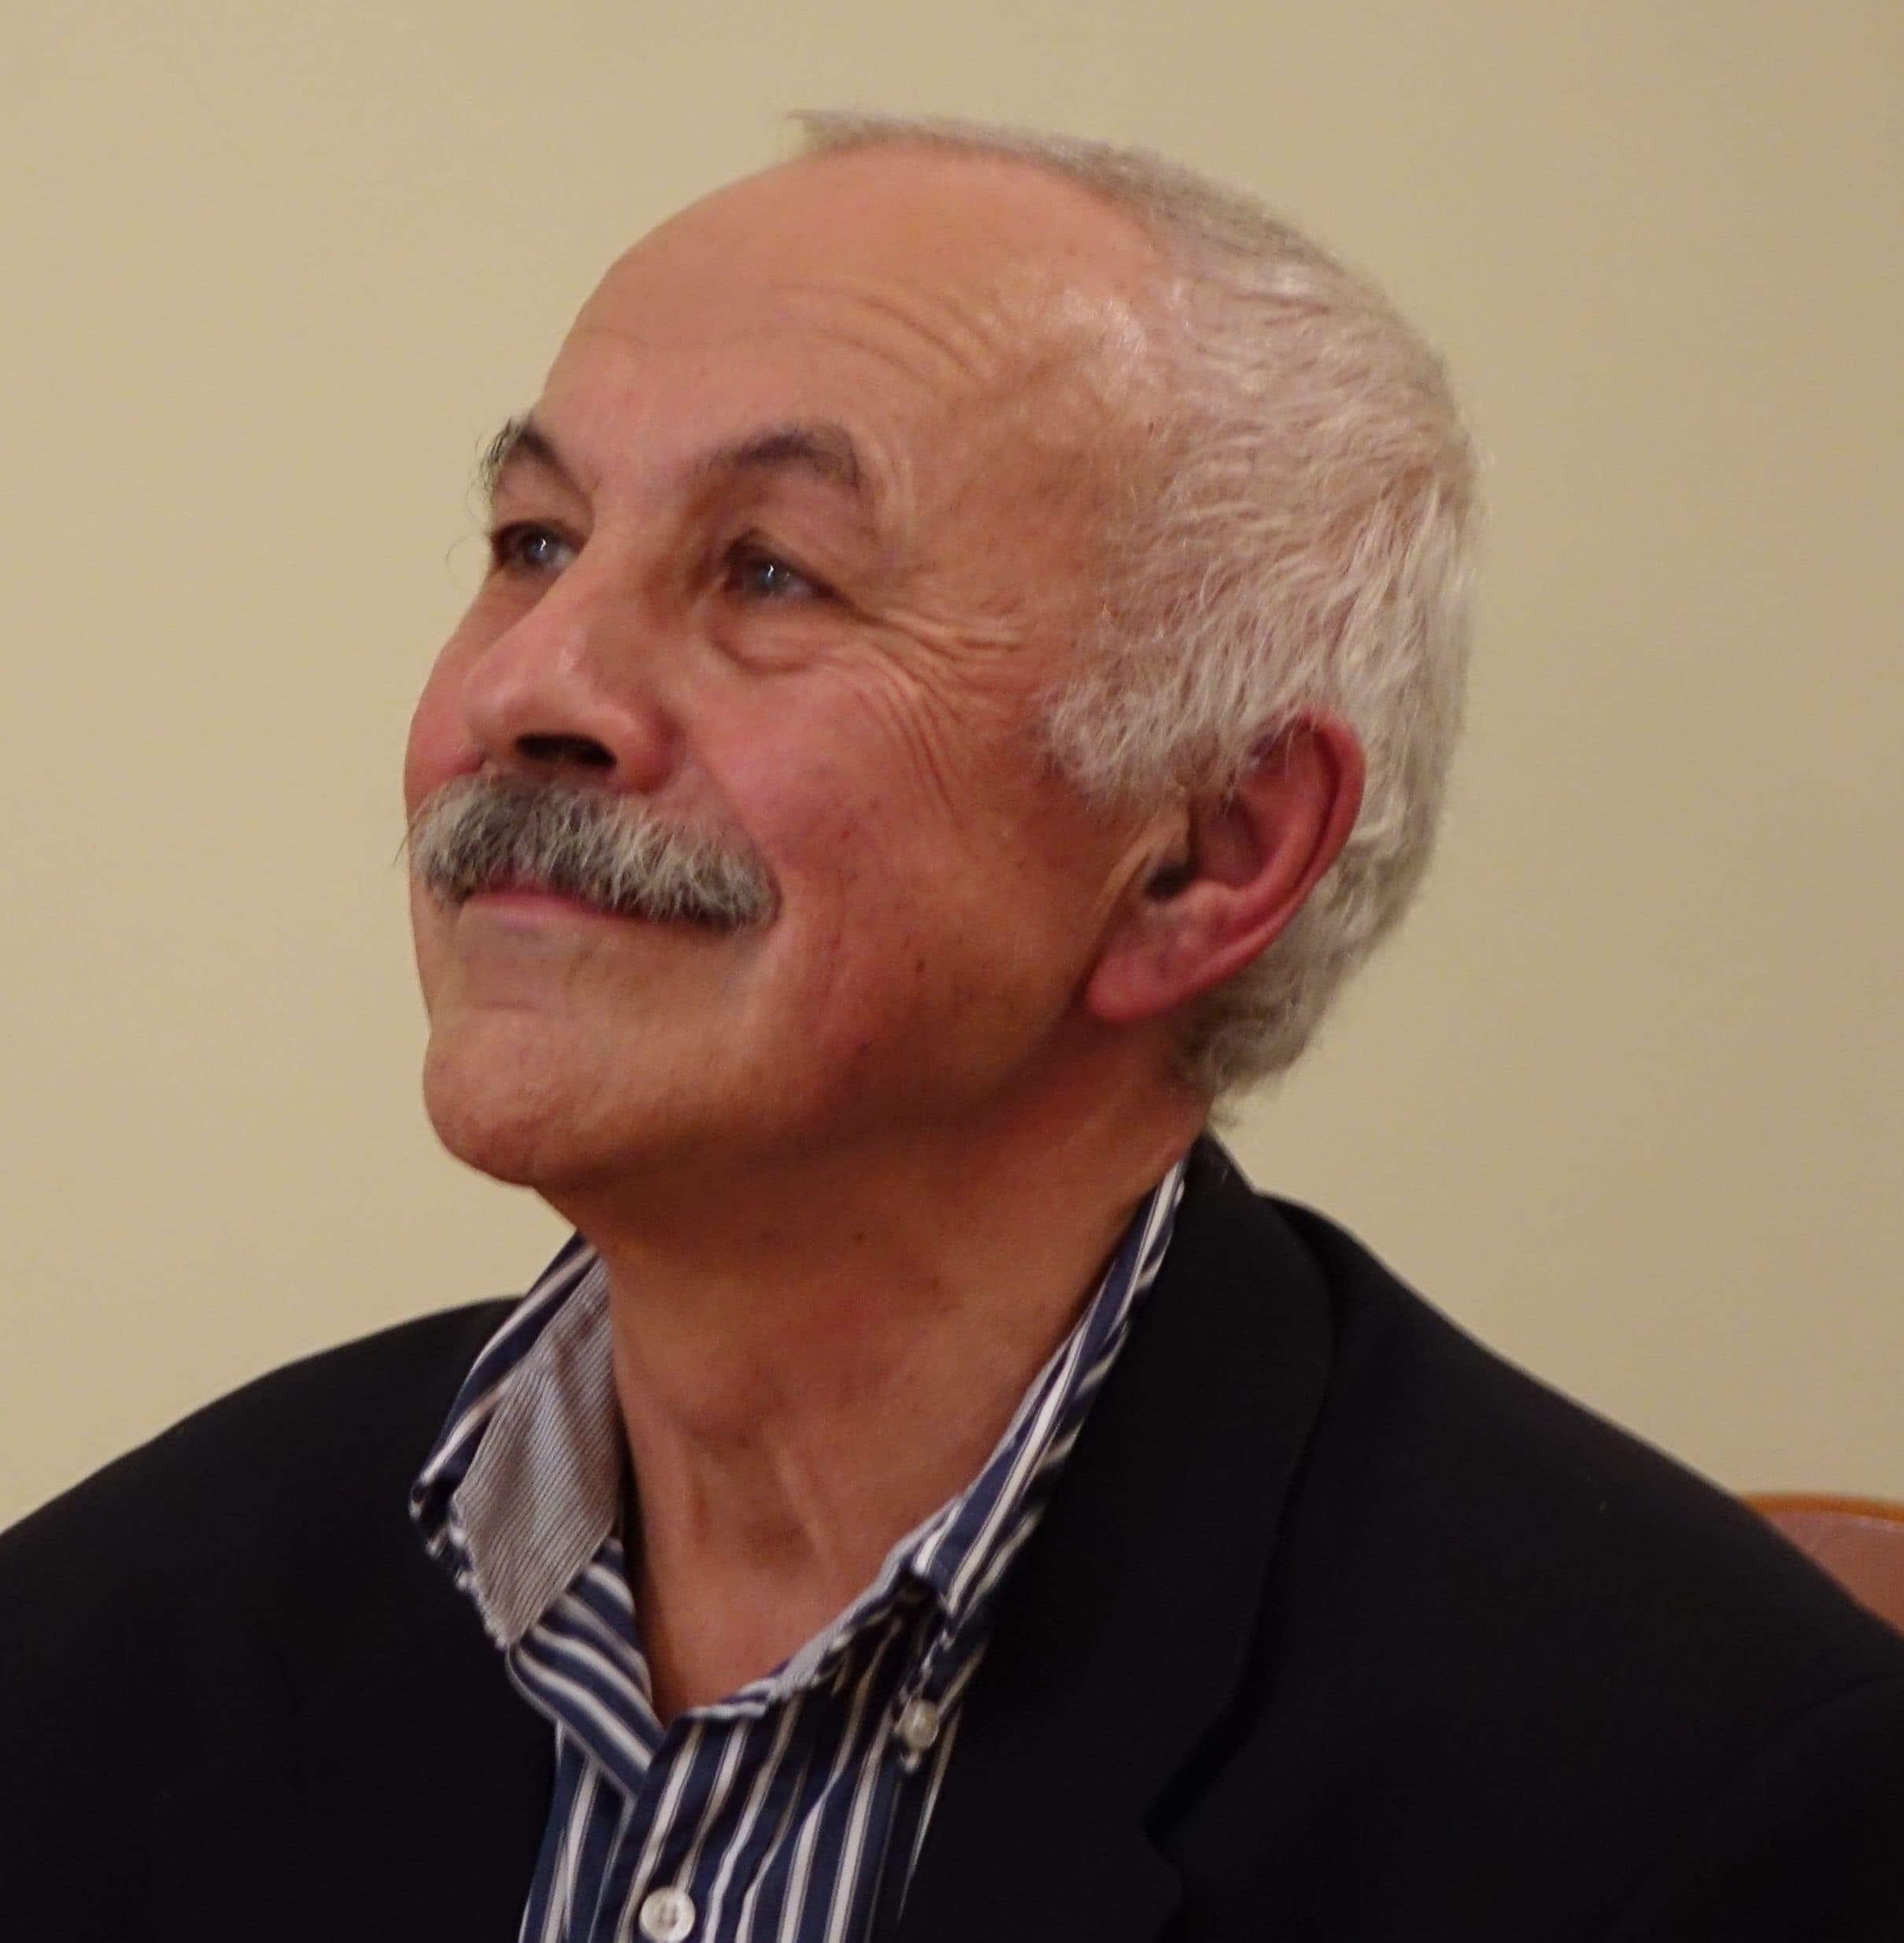 Олег Сердобольский. Фото - Сергей Деревянко